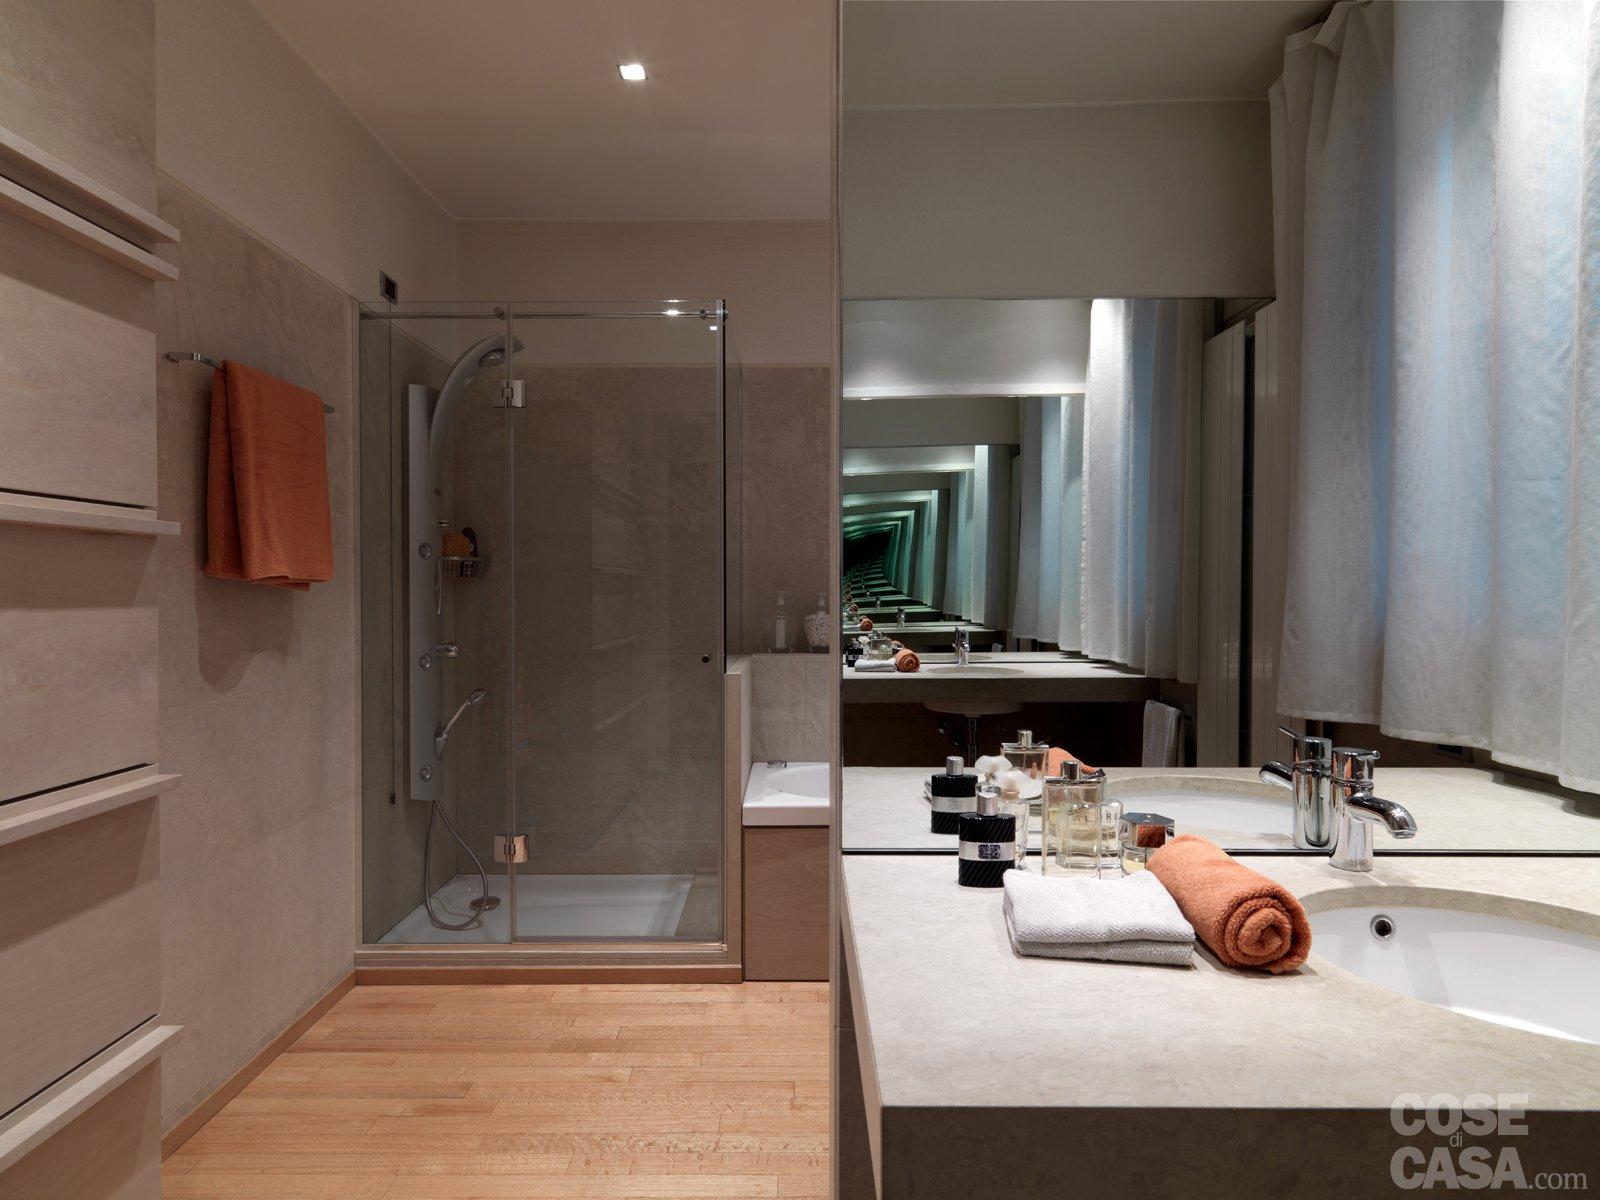 esempi di bagni arredati. idee mixumatch cui ispirarsi per creare ... - Immagini Di Bagni Moderni Arredati